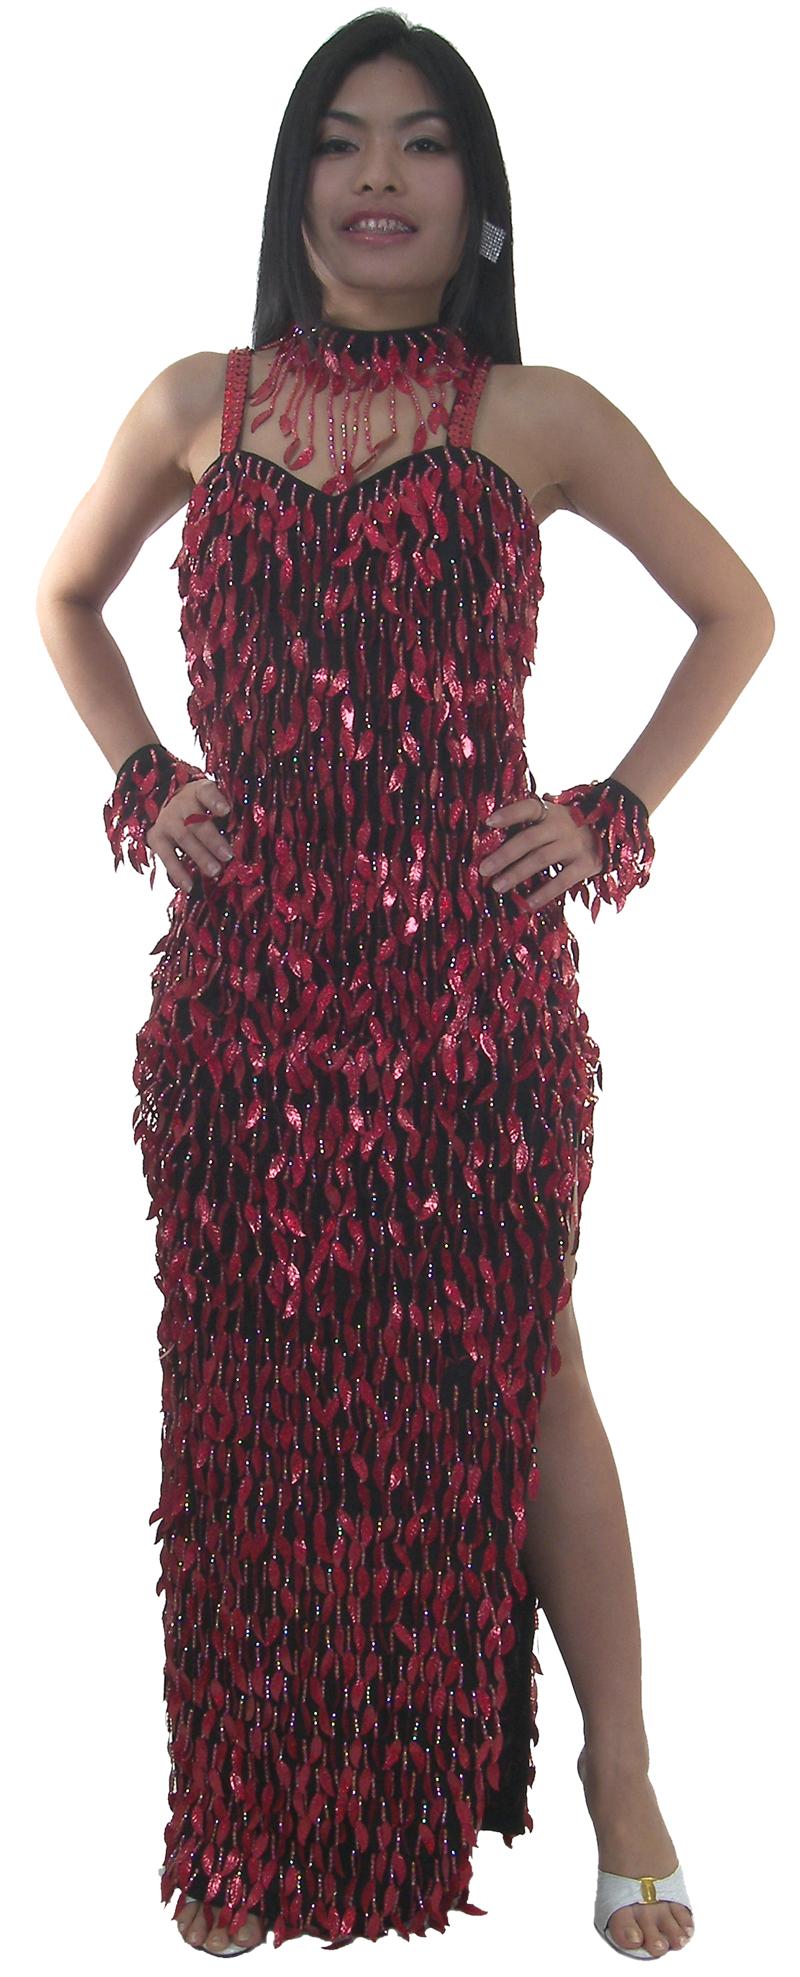 https://michaeljacksoncelebrityclothing.com/sequin-ball-gown/TM2013-long-sequin-fringe-latin-dress.jpg